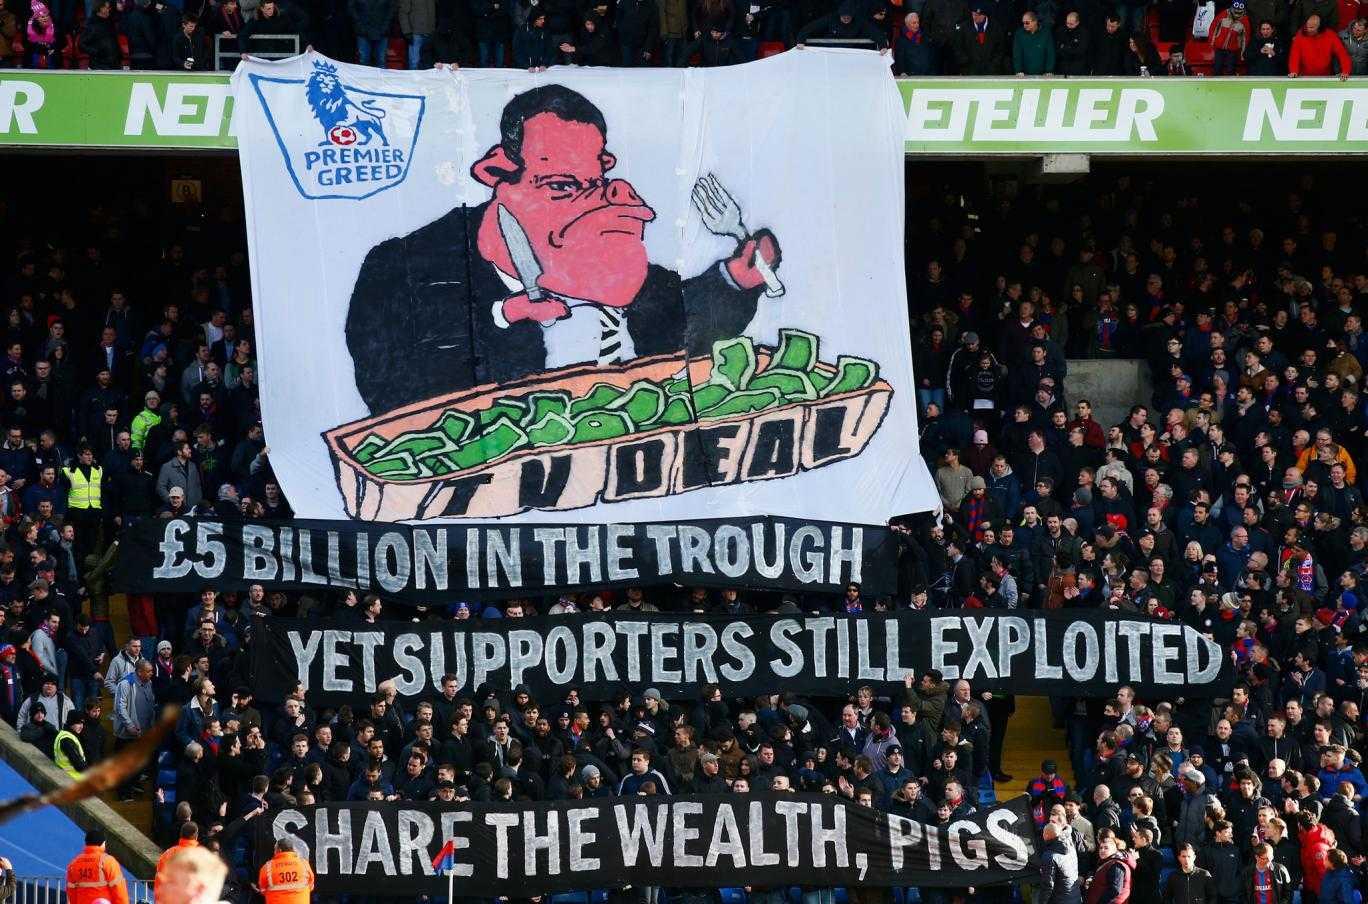 Khán giả Anh phản đối tăng giá bản quyền Premier League